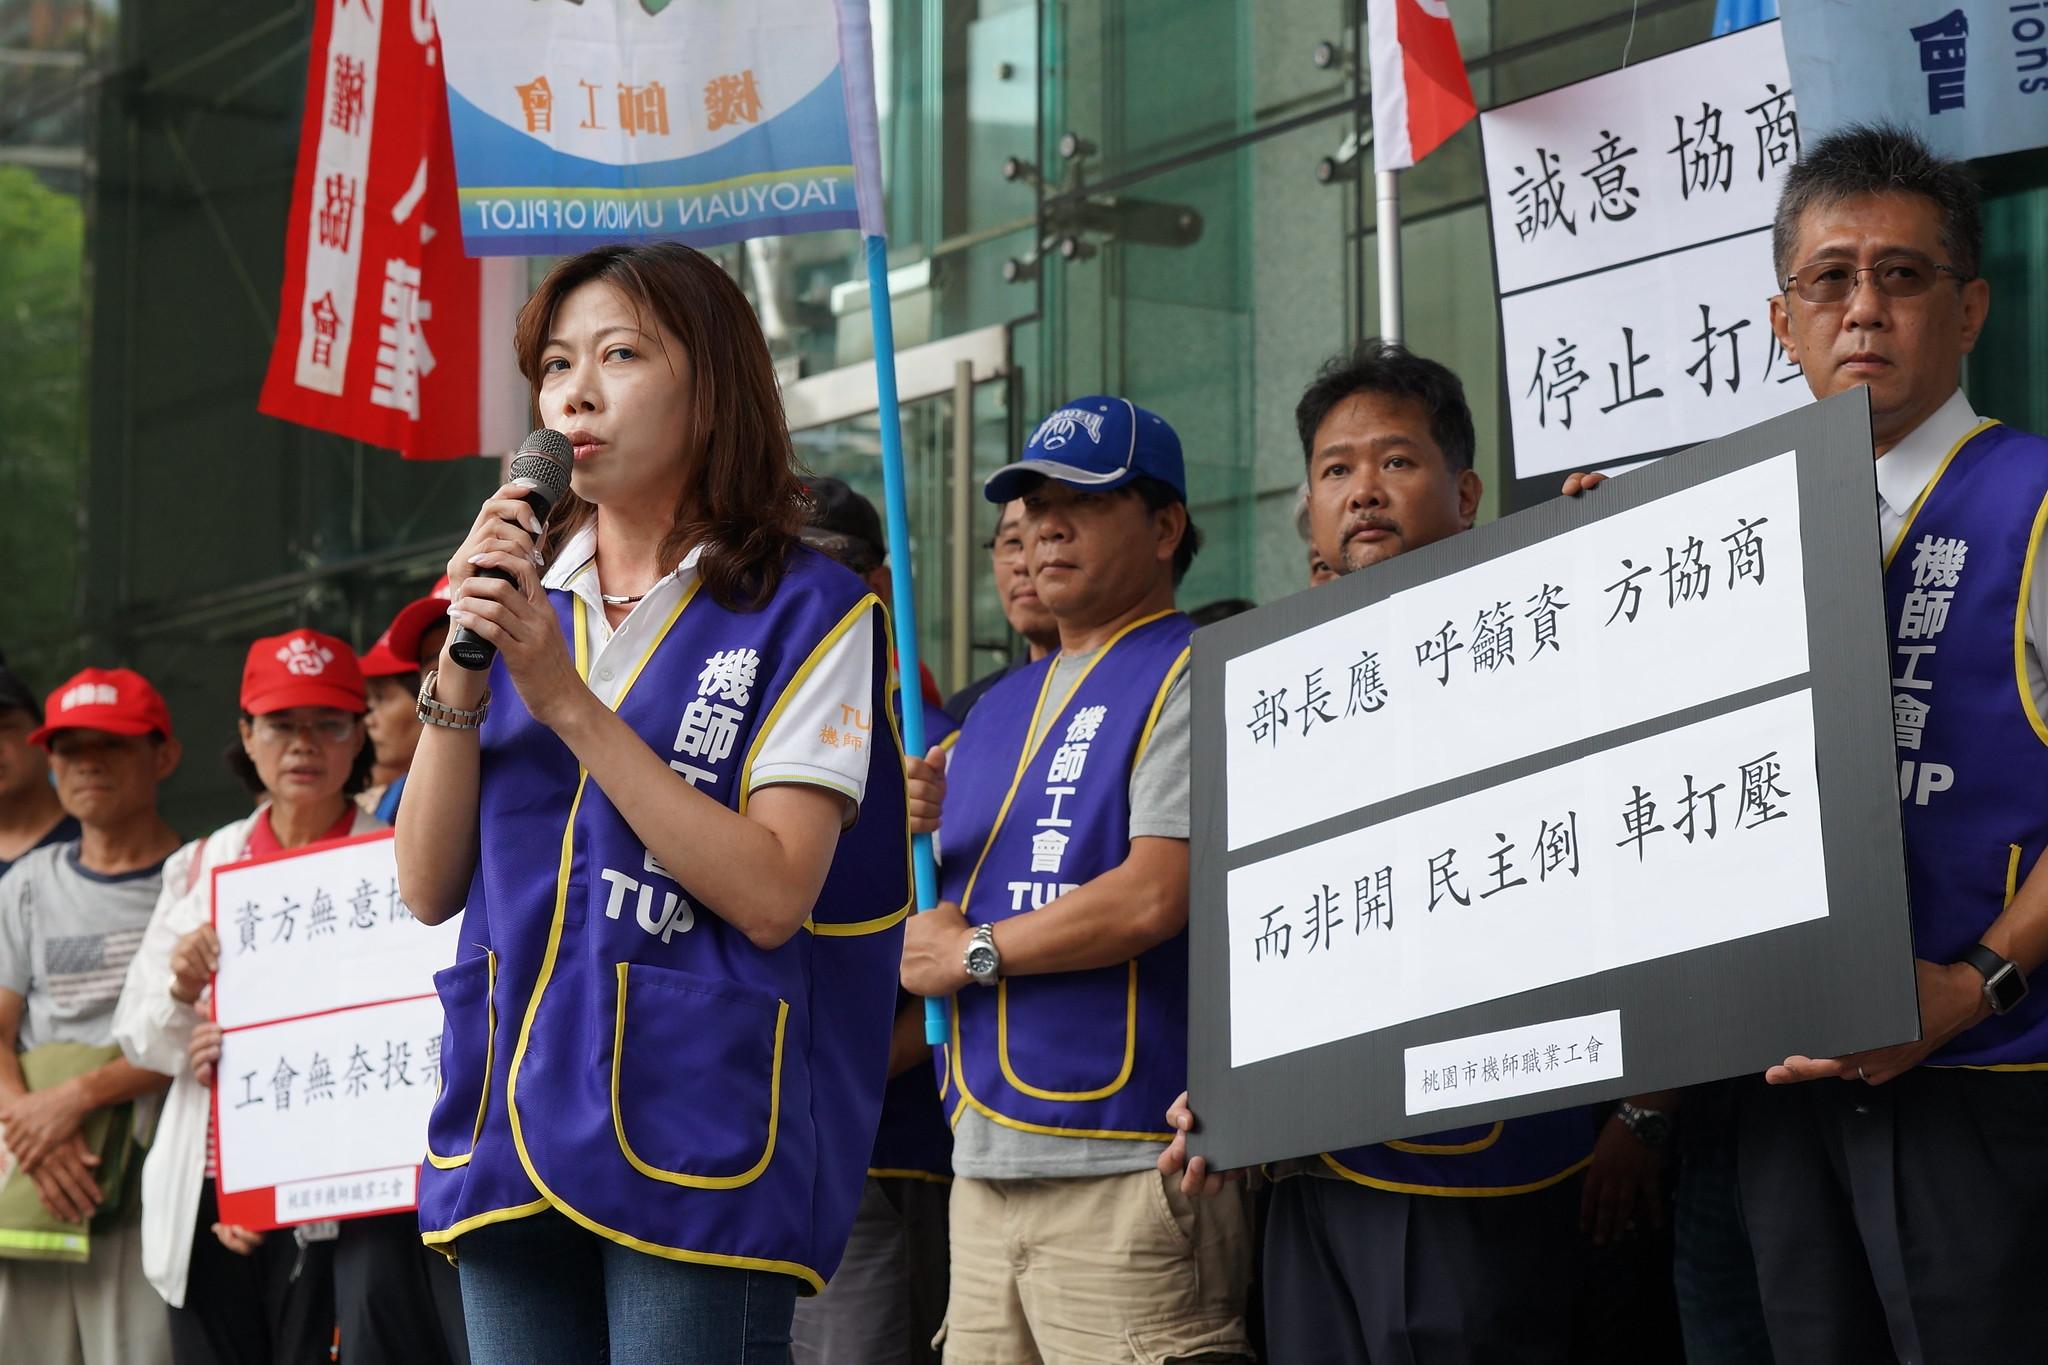 交通部長吳宏謀日前多次提及「罷工預告期」引發工會不滿,今赴交通部抗議。(攝影:王顥中)